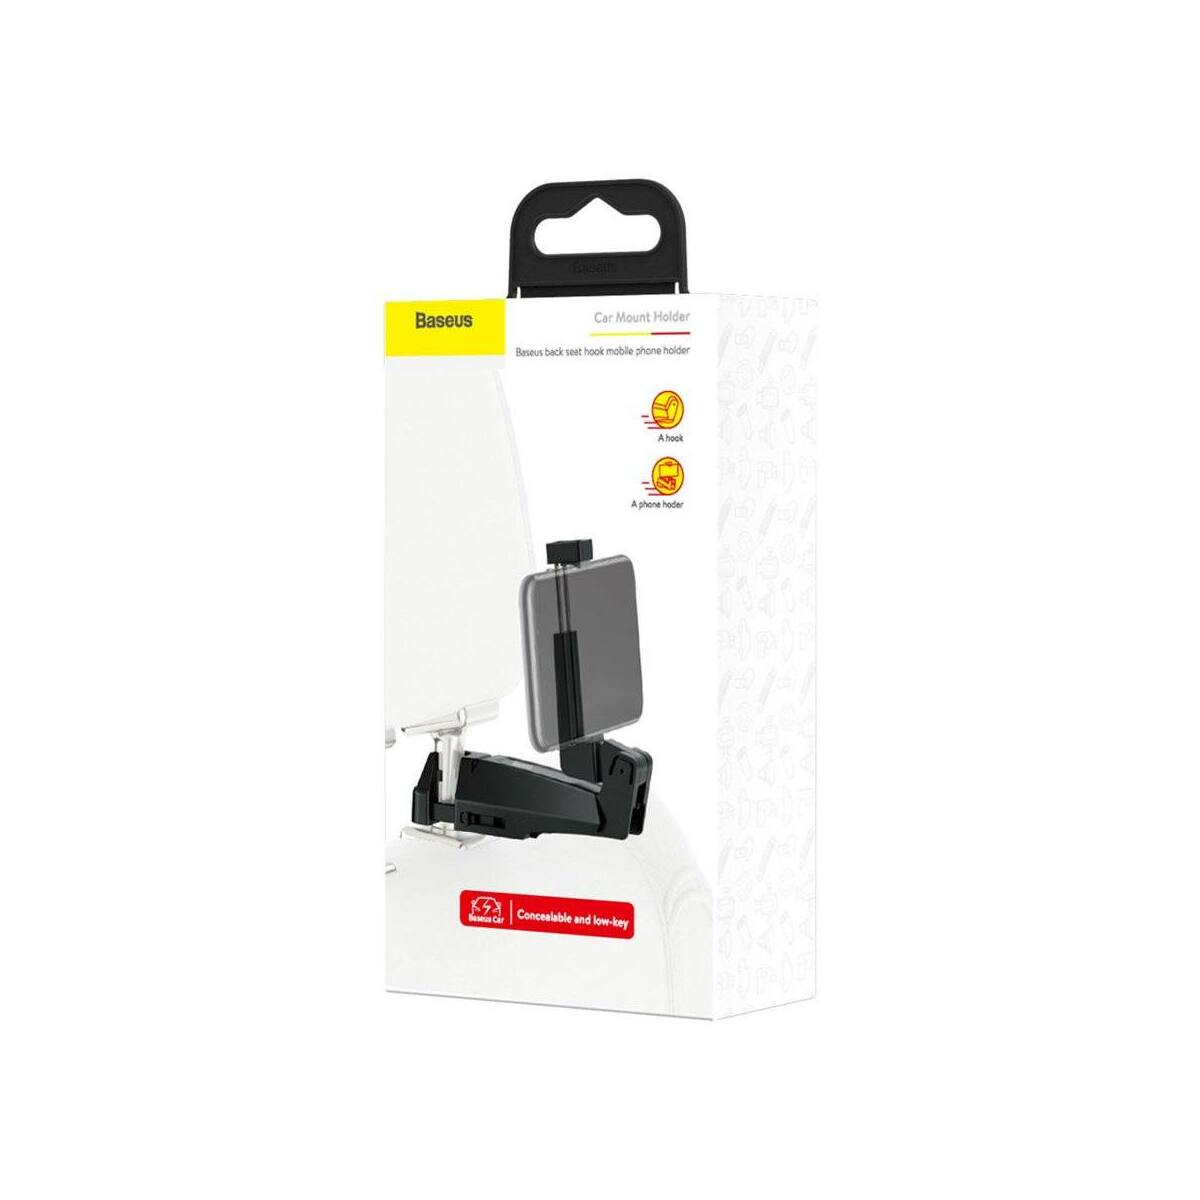 Baseus autós telefontartó, Első ülés fejtámlához rögzíthető készülék tartó, ruha akasztóval 4.0-6.5 inch méretig, fekete (SUHZ-A01)